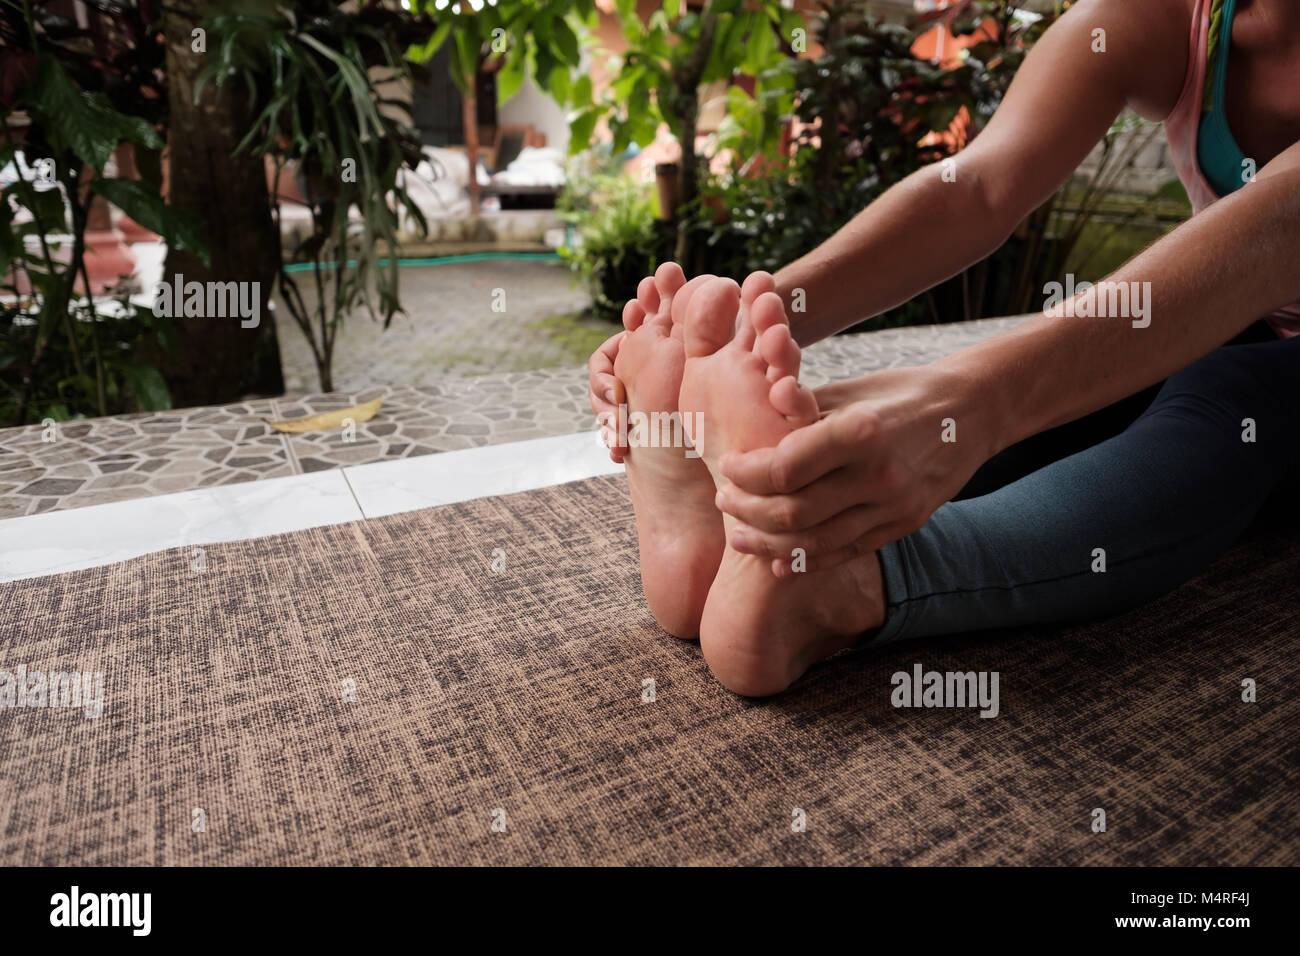 Dettaglio della donna caucasica fare yoga asana esercizi. Ragazza seduta fare piegare in avanti pone. Uno stile Immagini Stock